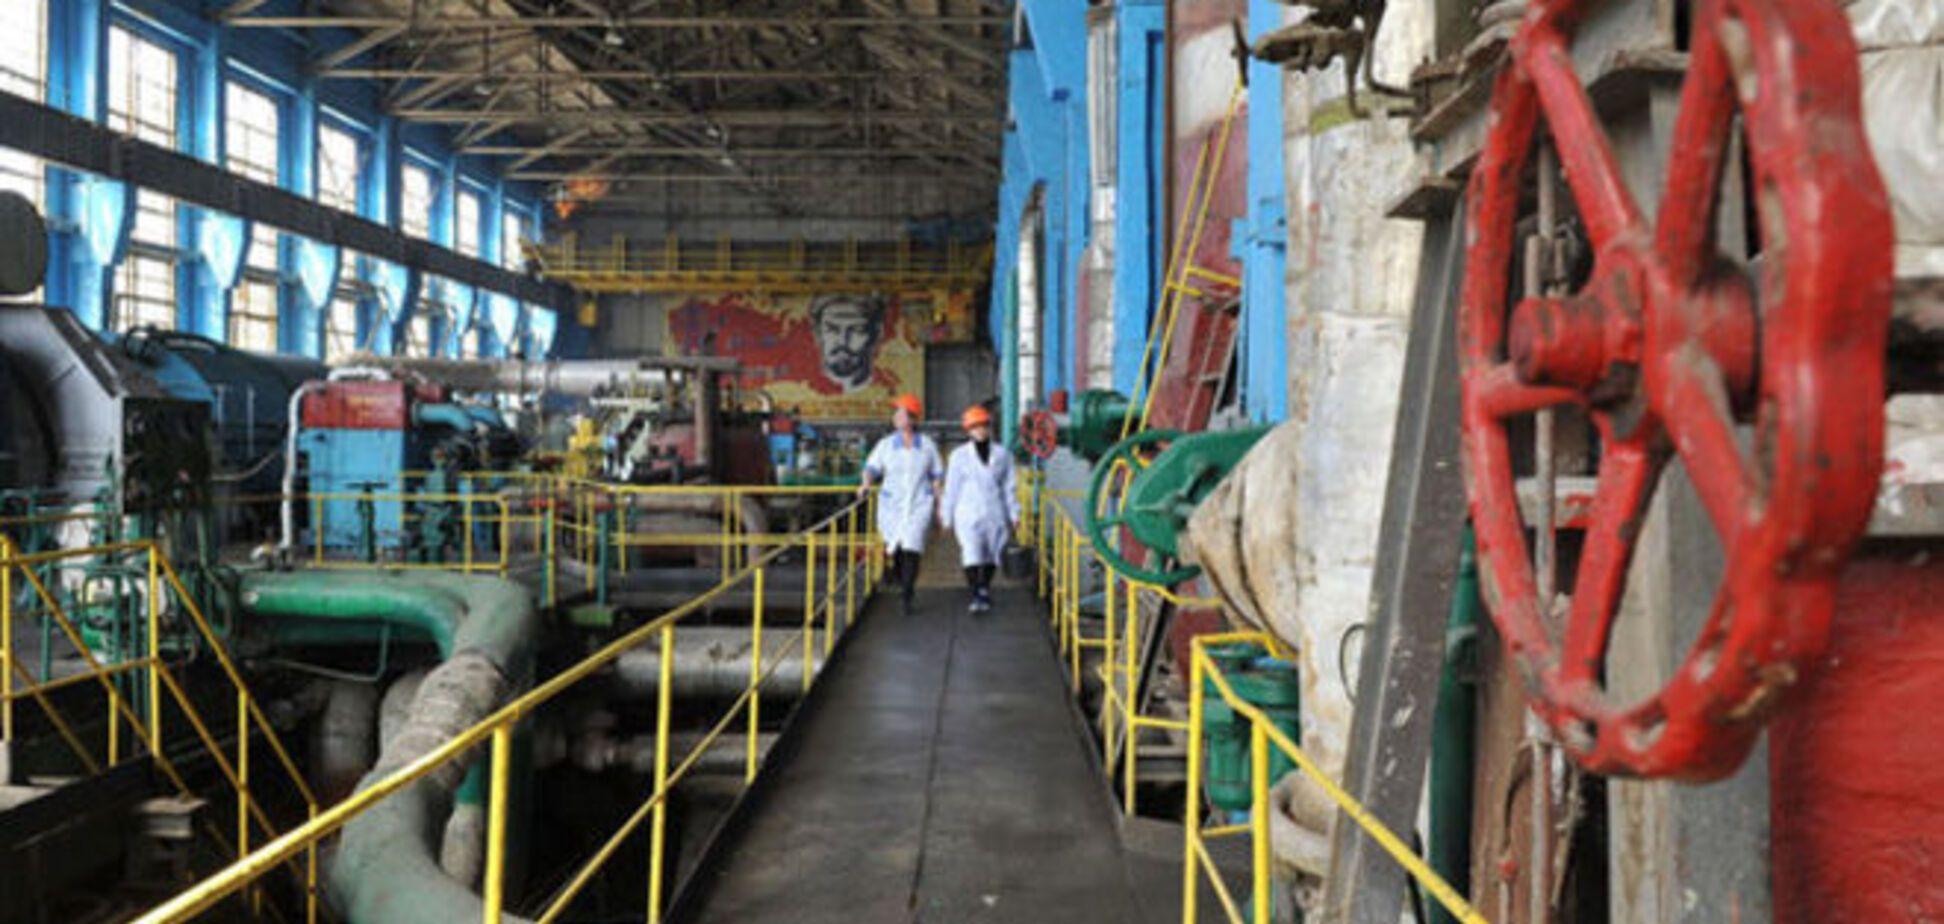 Санкции оставили Россию без денег на строительство электростанций в оккупированном Крыму